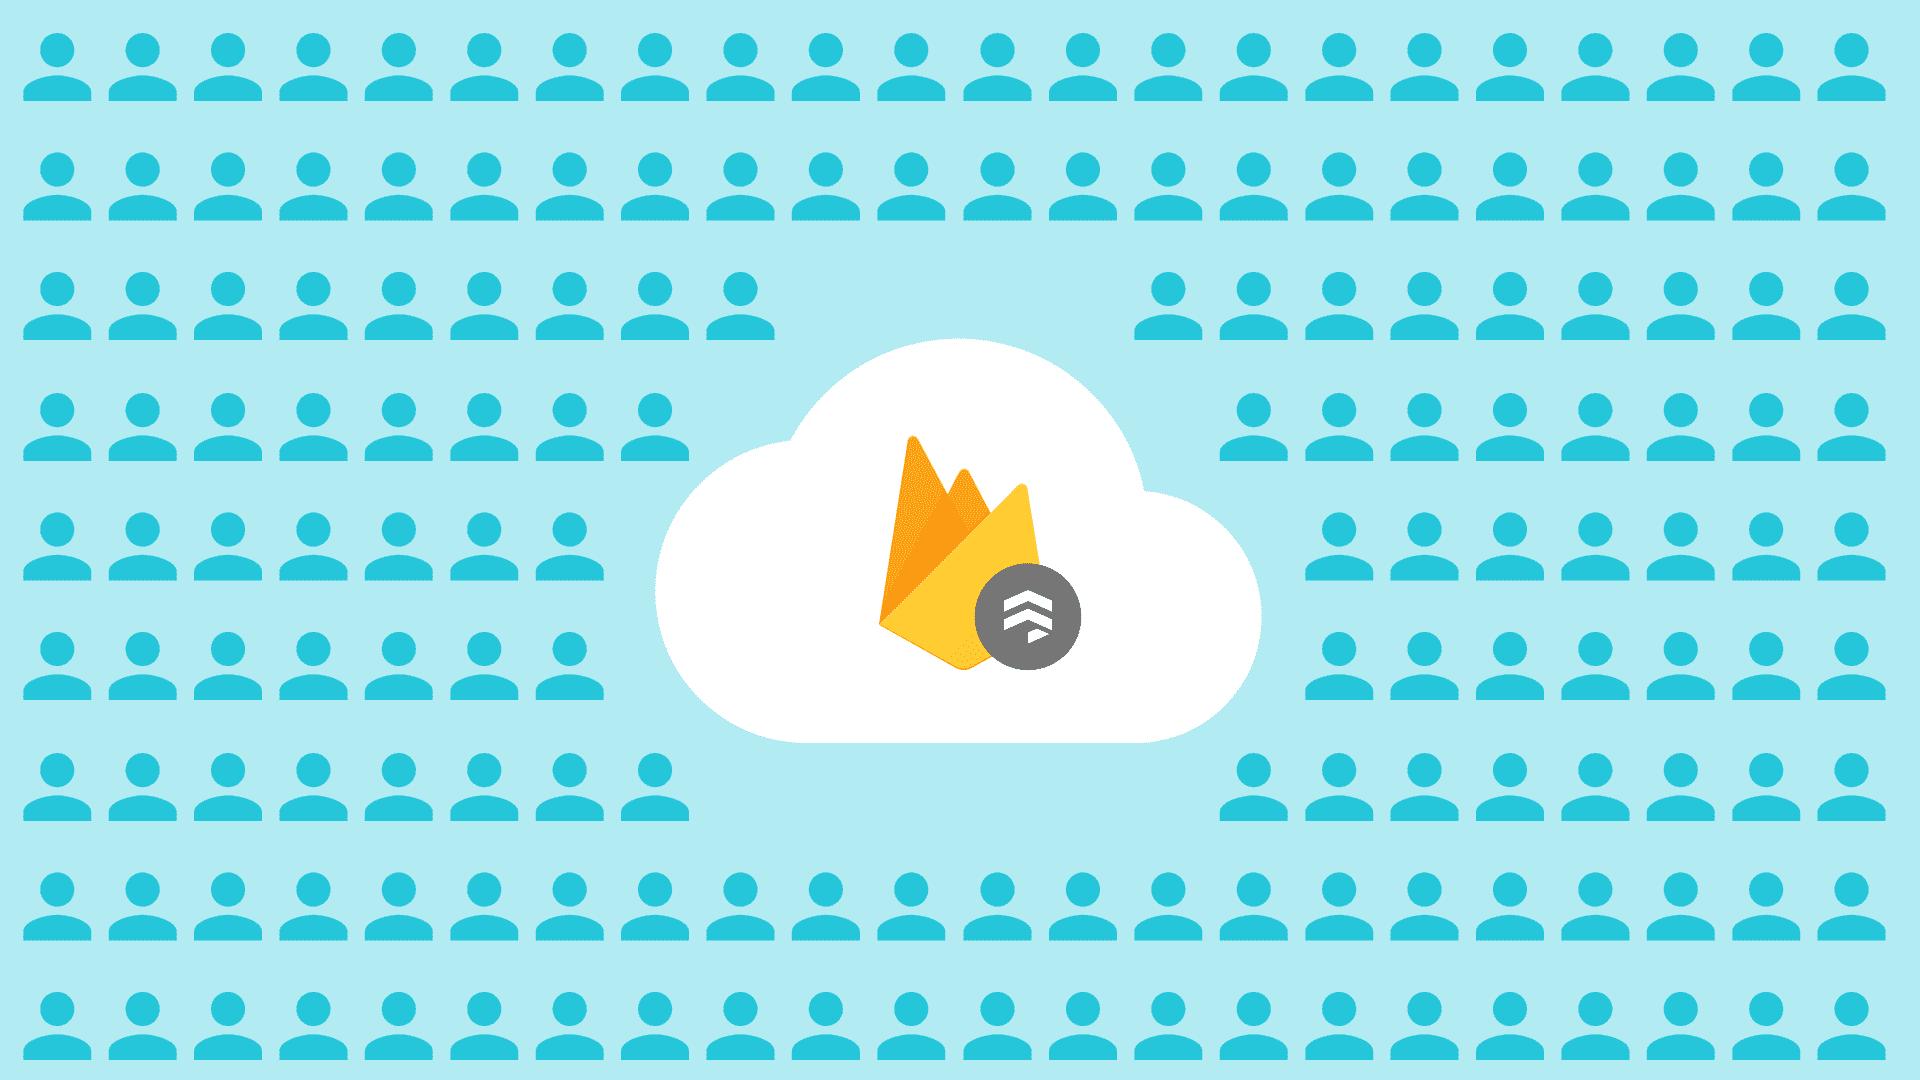 Firebase Firestore 徽标和受众图示